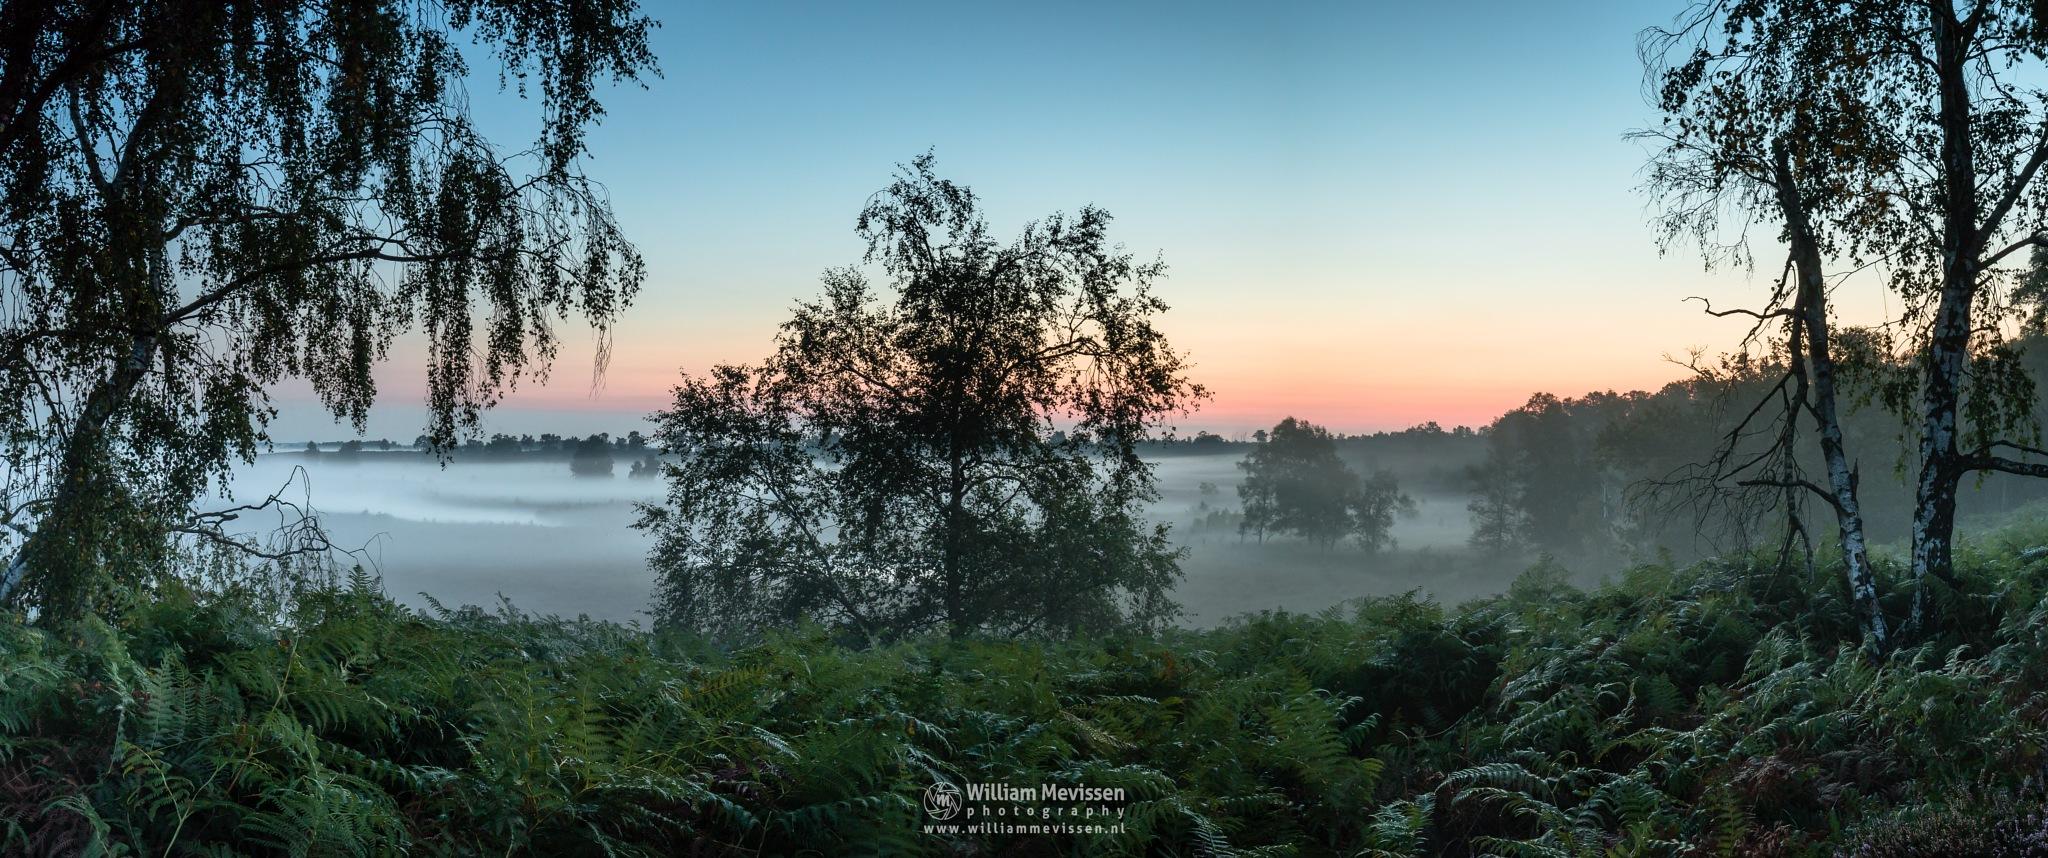 Panorama Misty Fern View by William Mevissen